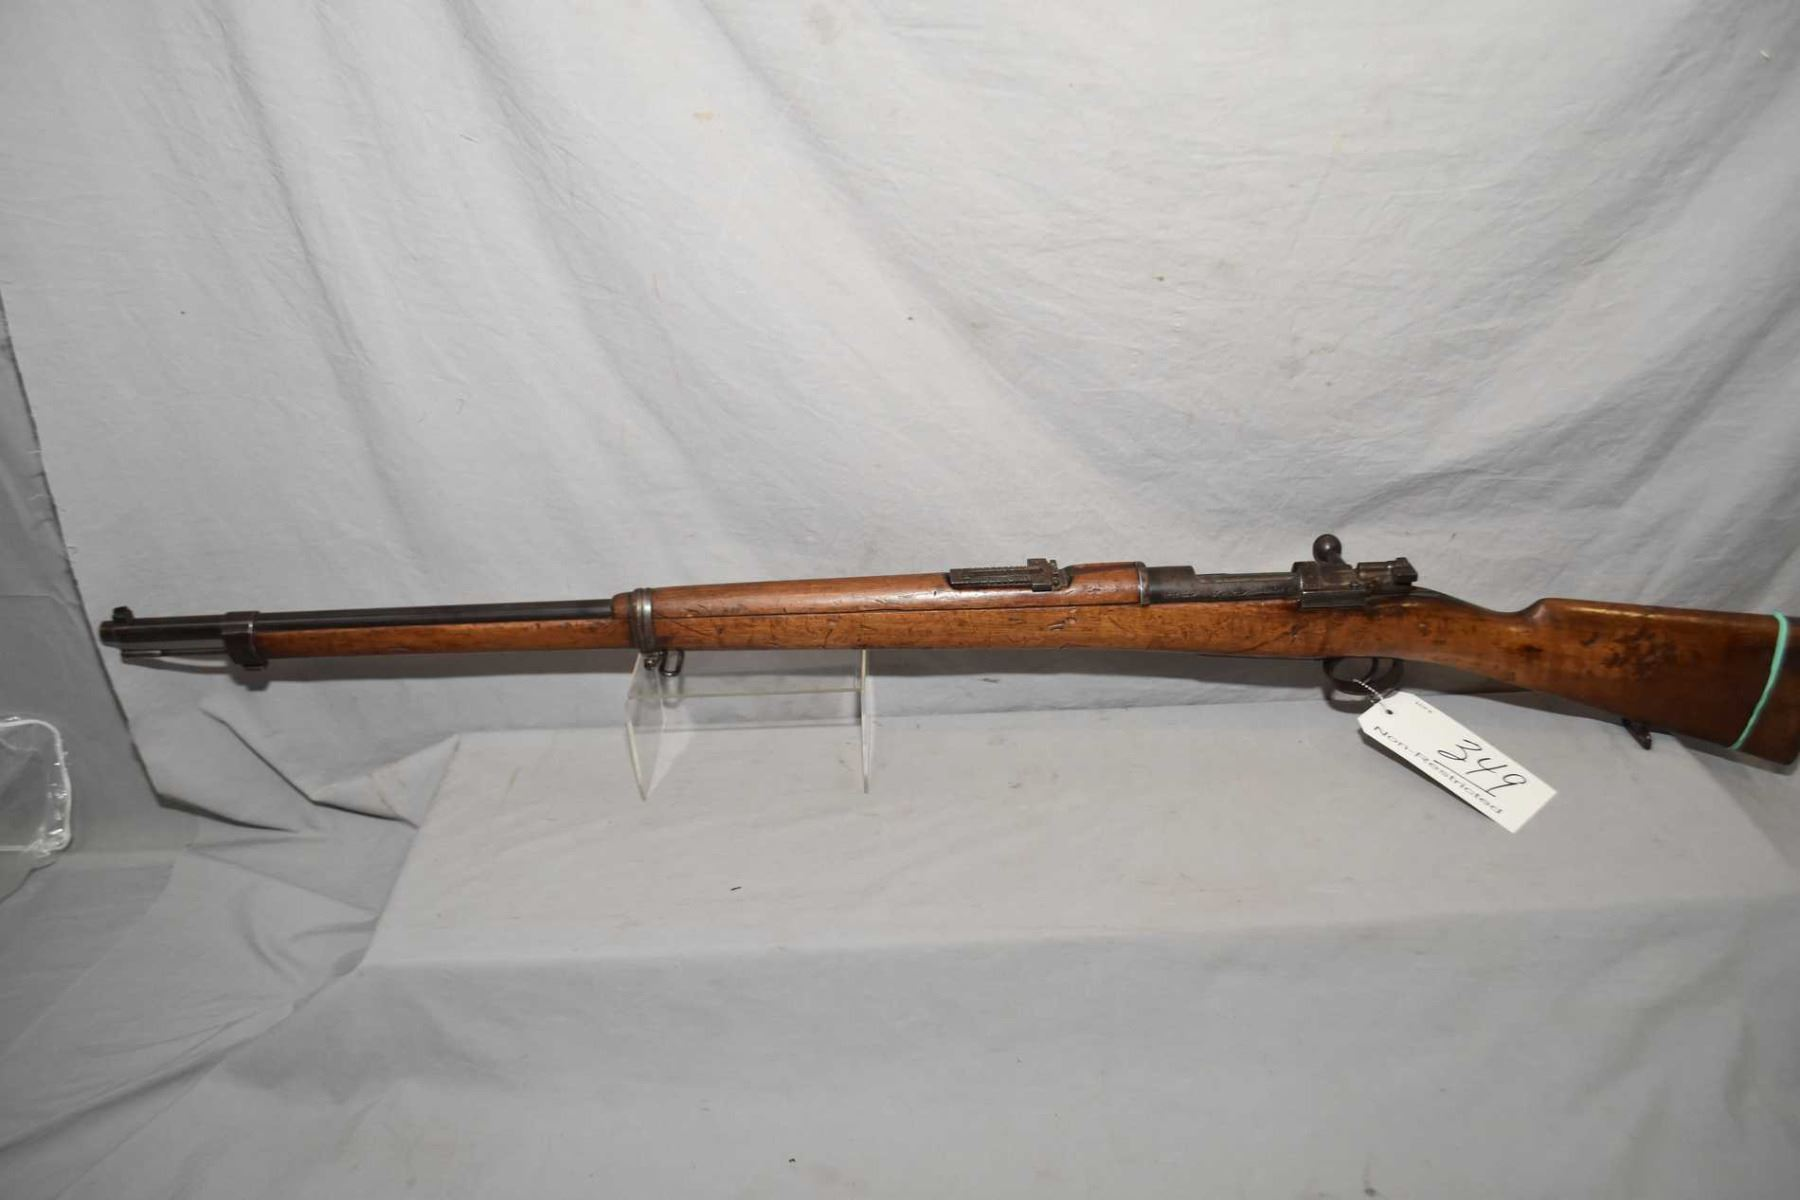 Turkish Mauser Model 1893 7 65 x 53 MM Cal Bolt Action Full